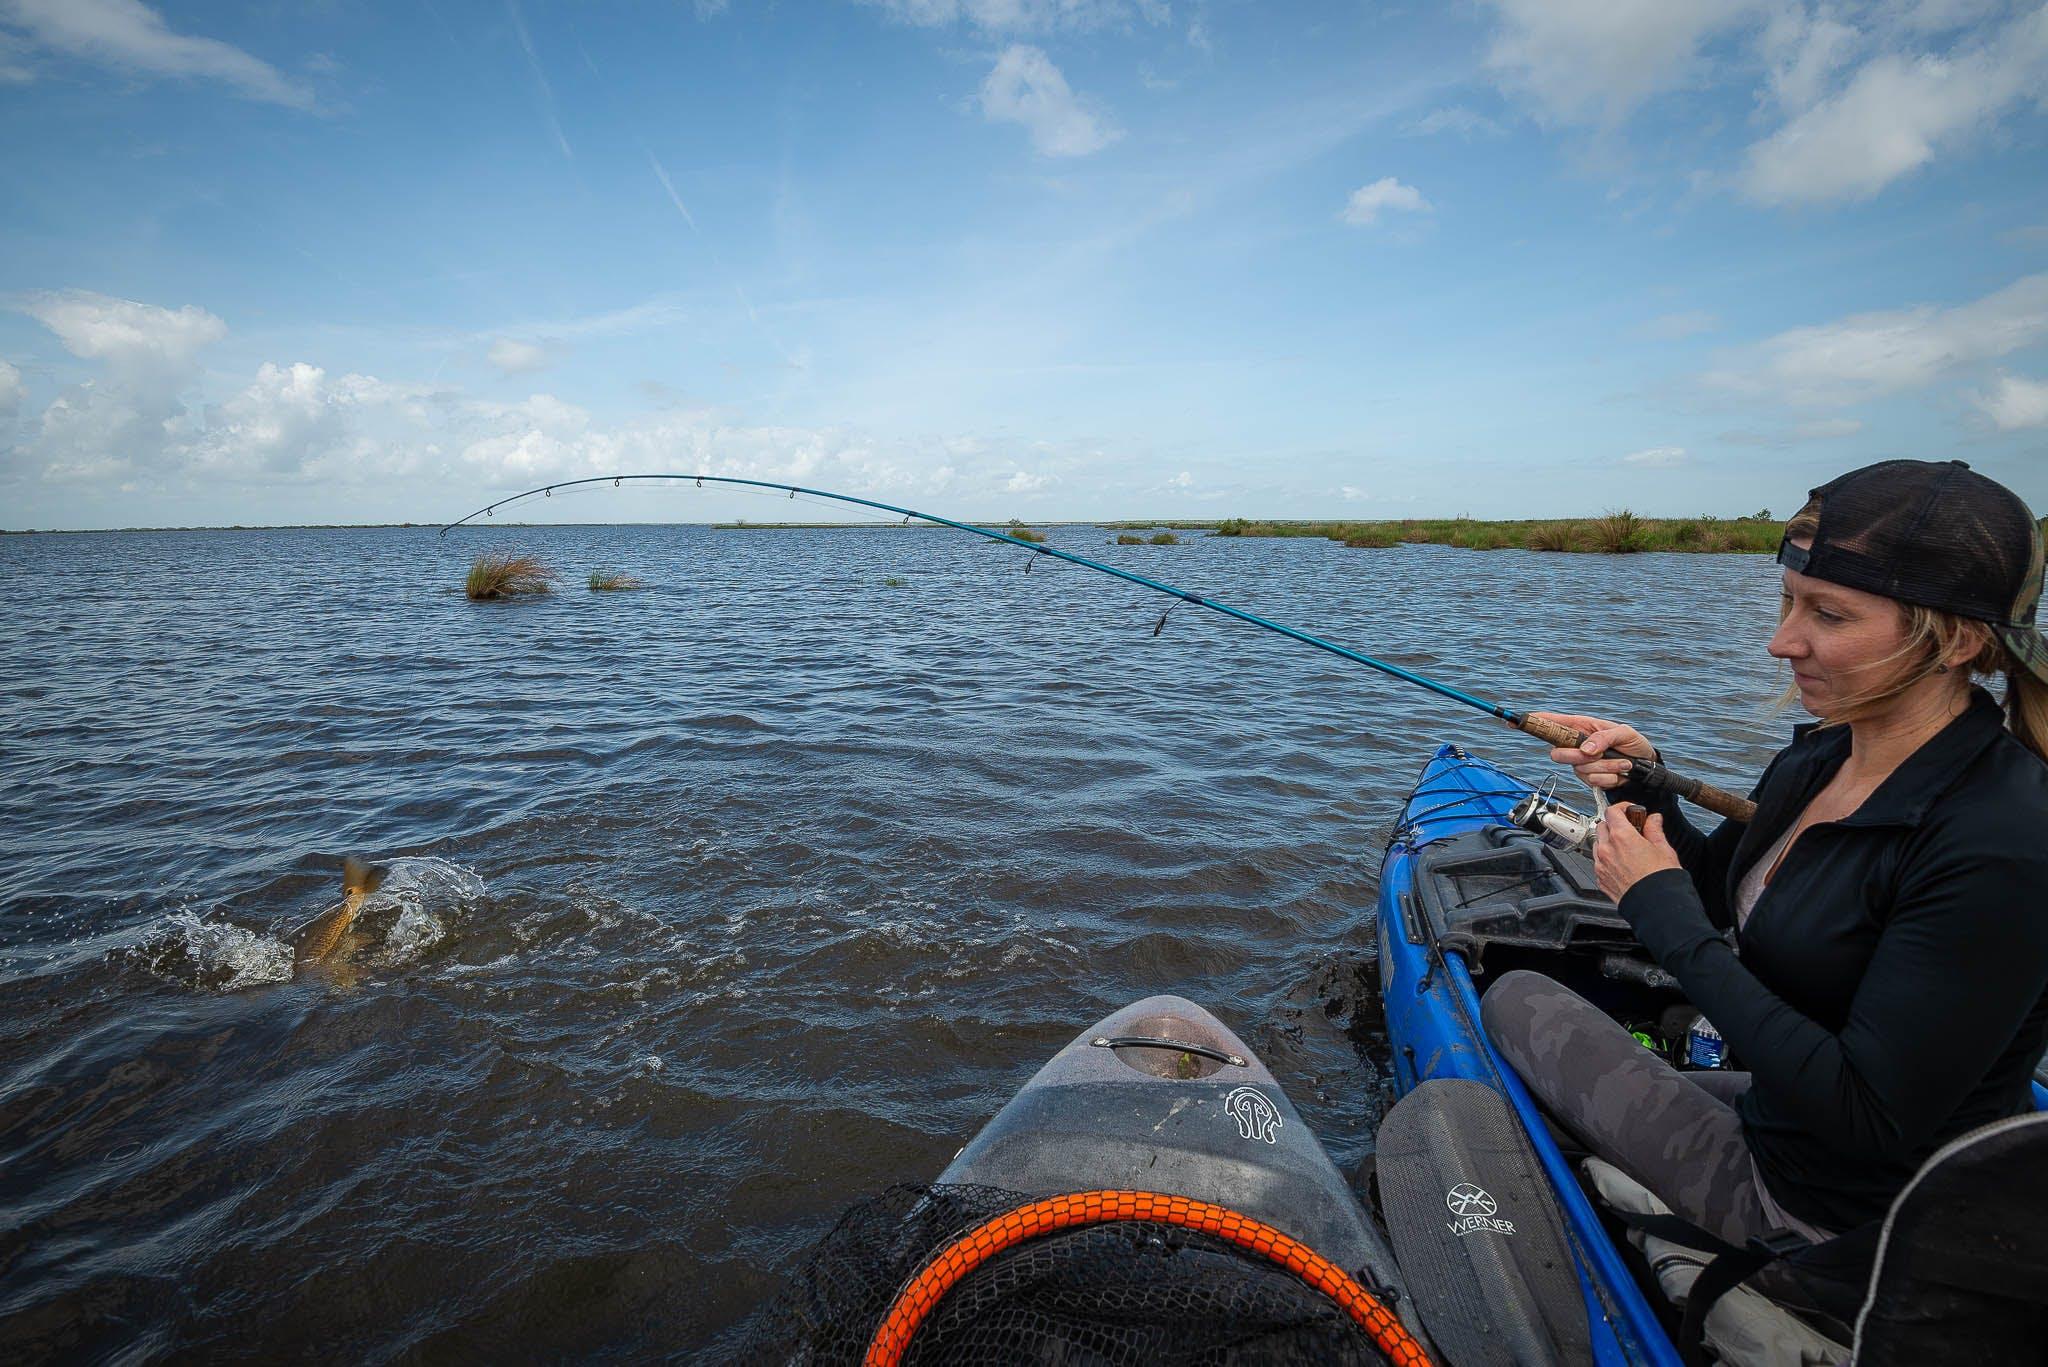 kayak, kayak tour, kayak fishing, kayak redfishing, new orleans kayak fishing, kayak swamp tours, new orleans kayak swamp tours